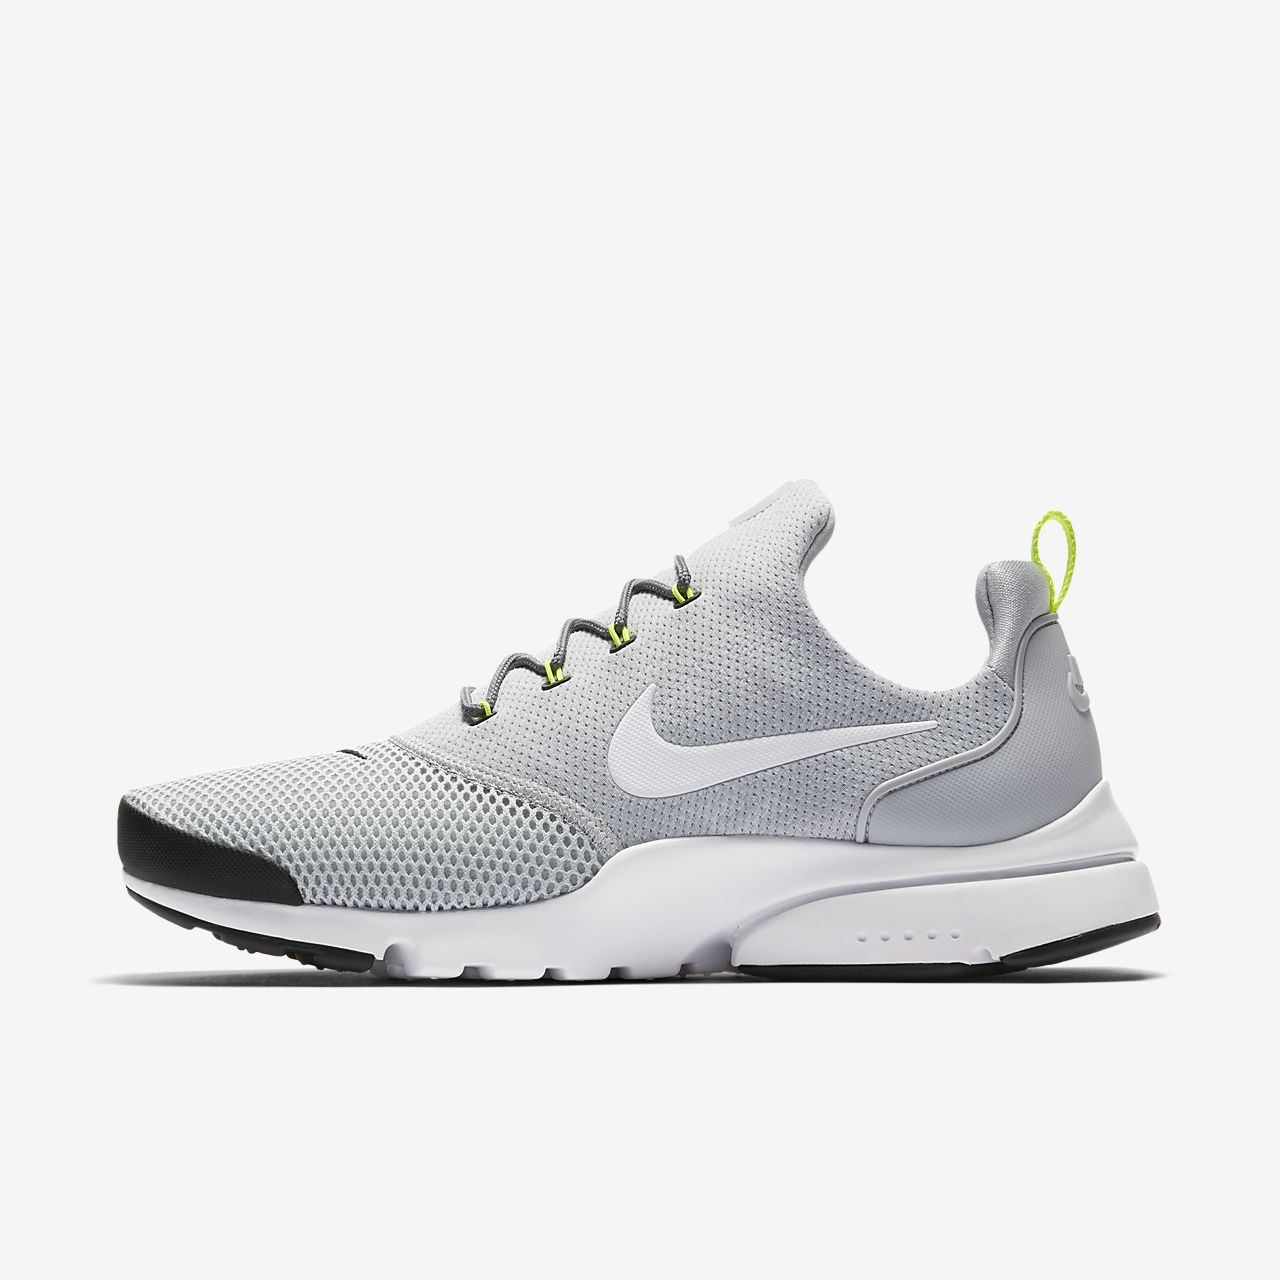 Chaussures Supra Footwear Owen blanches Fashion Chaussures Nike Fly Casual homme Chaussures Nike Fly Casual homme  Baskets pour Femme - Gris - Gris/Rose VmKTI